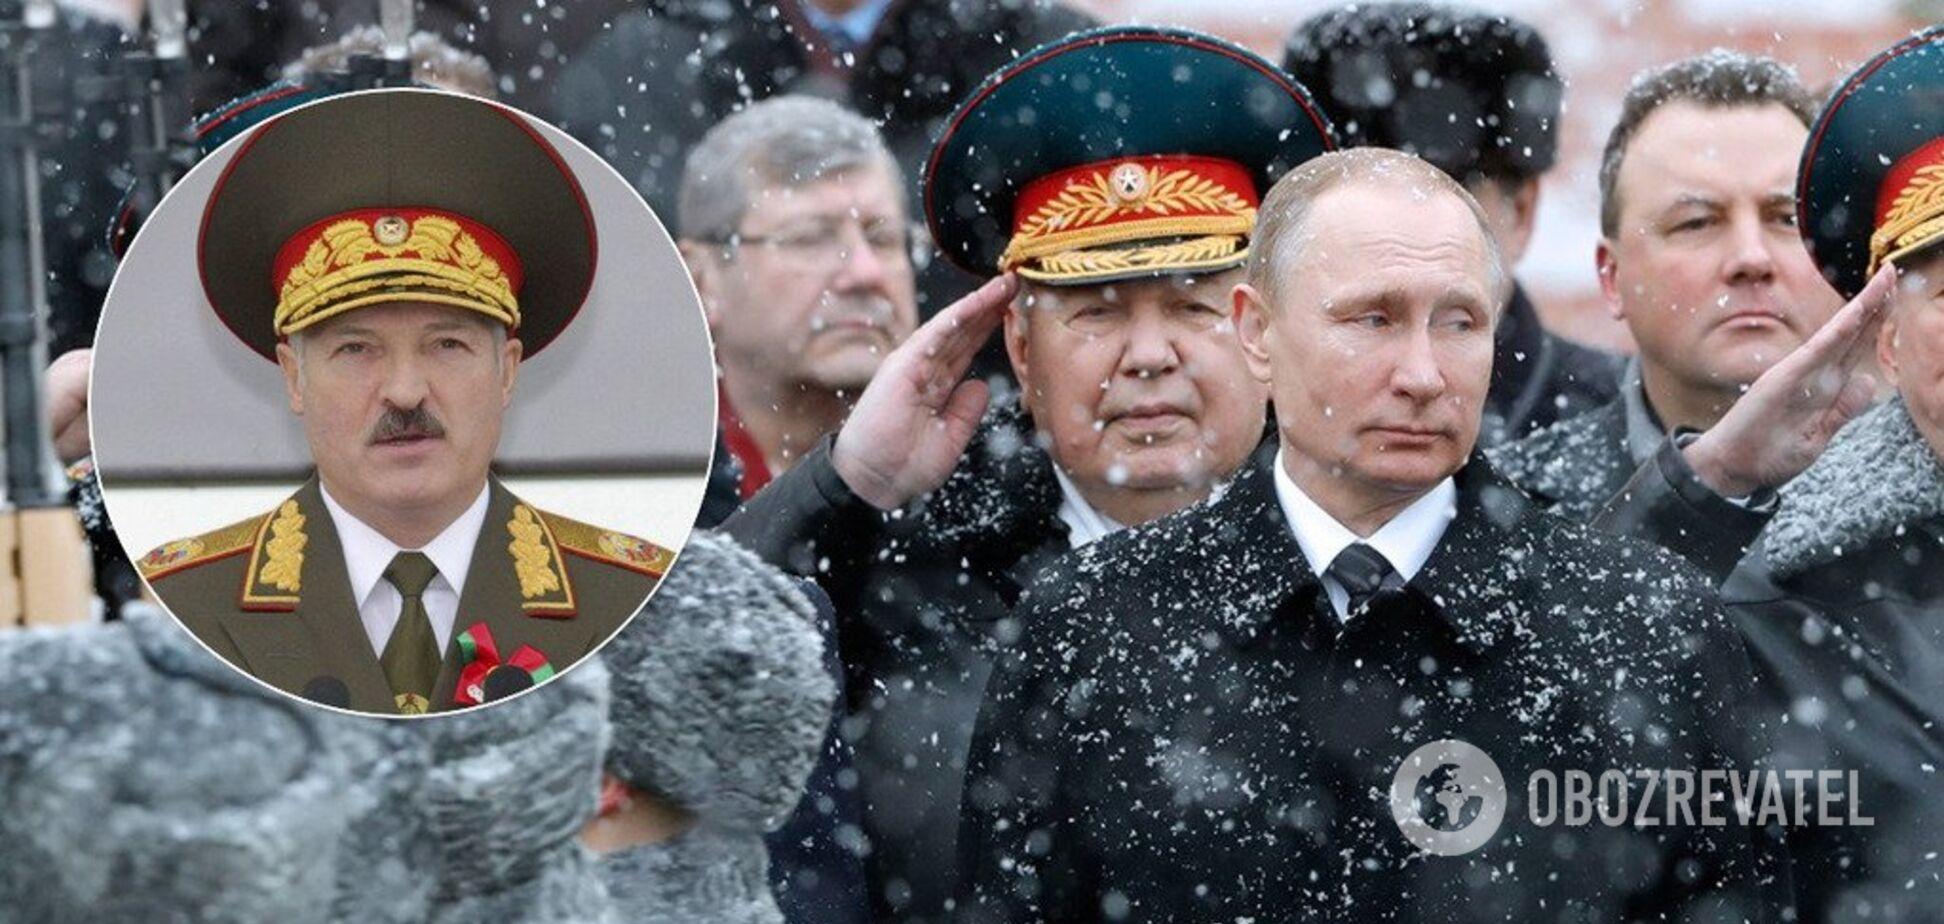 'У тебя выбор, Володя': Лукашенко уличили в давлении на Путина